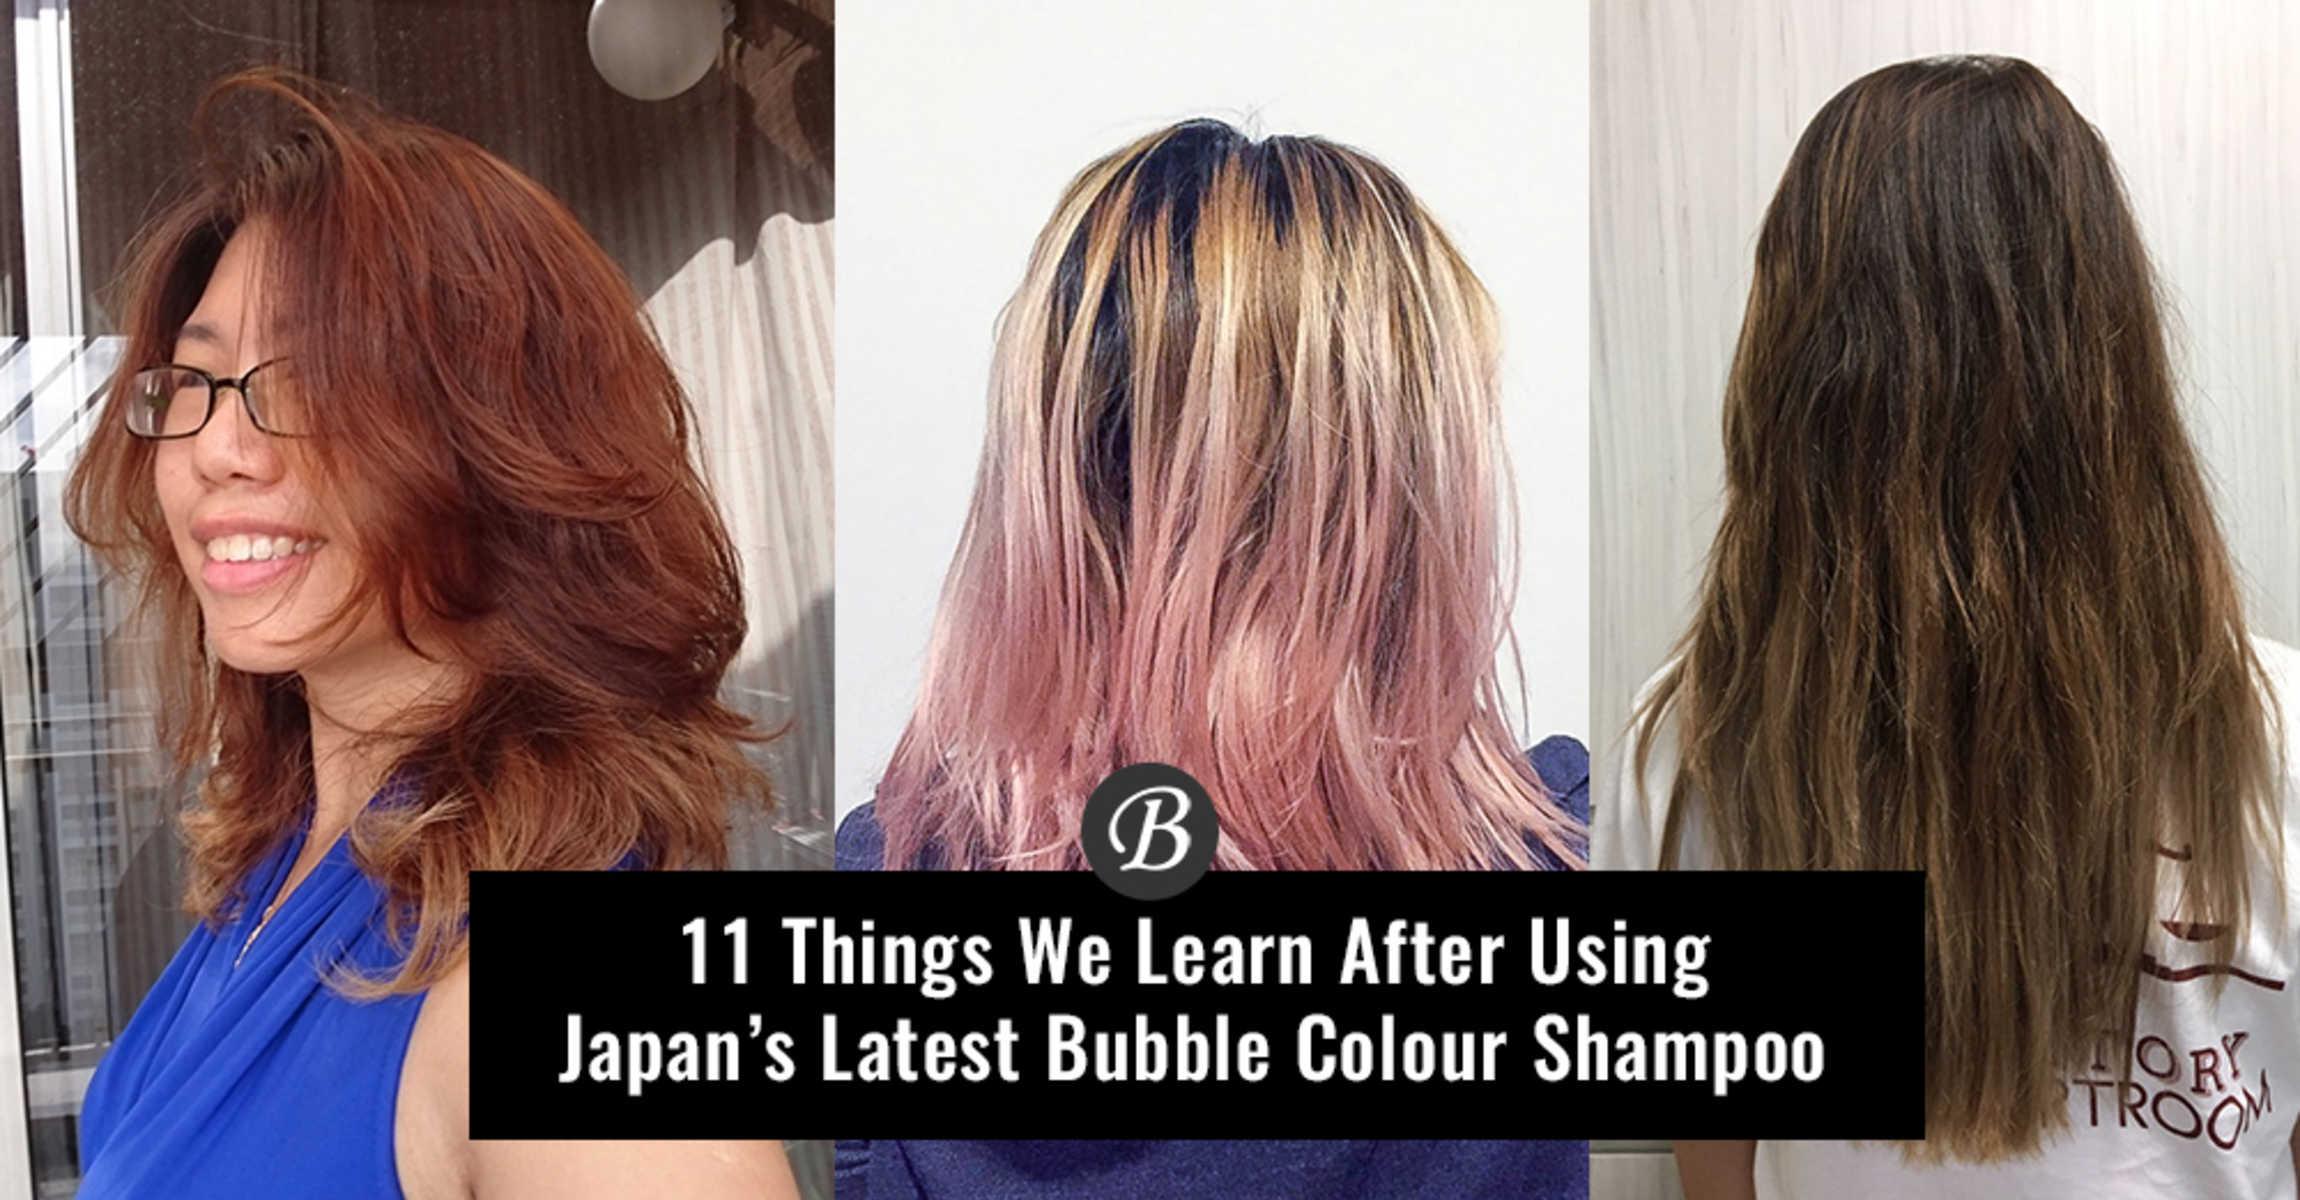 Japans Latest Bubble Colour Shampoo Can Help Your Vibrant Colour